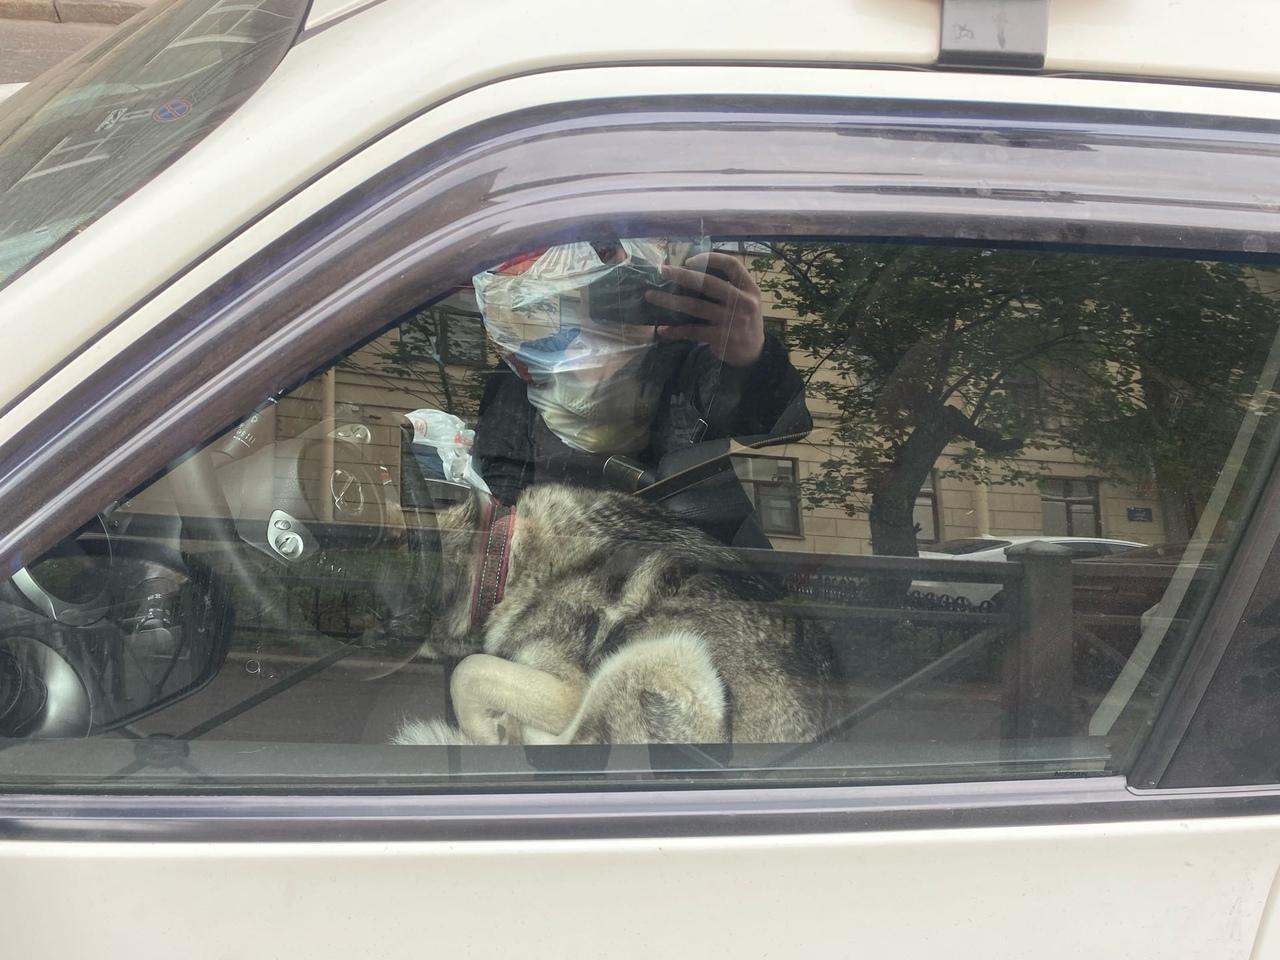 Граждане, которые оставили свою машину, и заперли в ней собаку (дабы не увезли, тк машина под знаком...